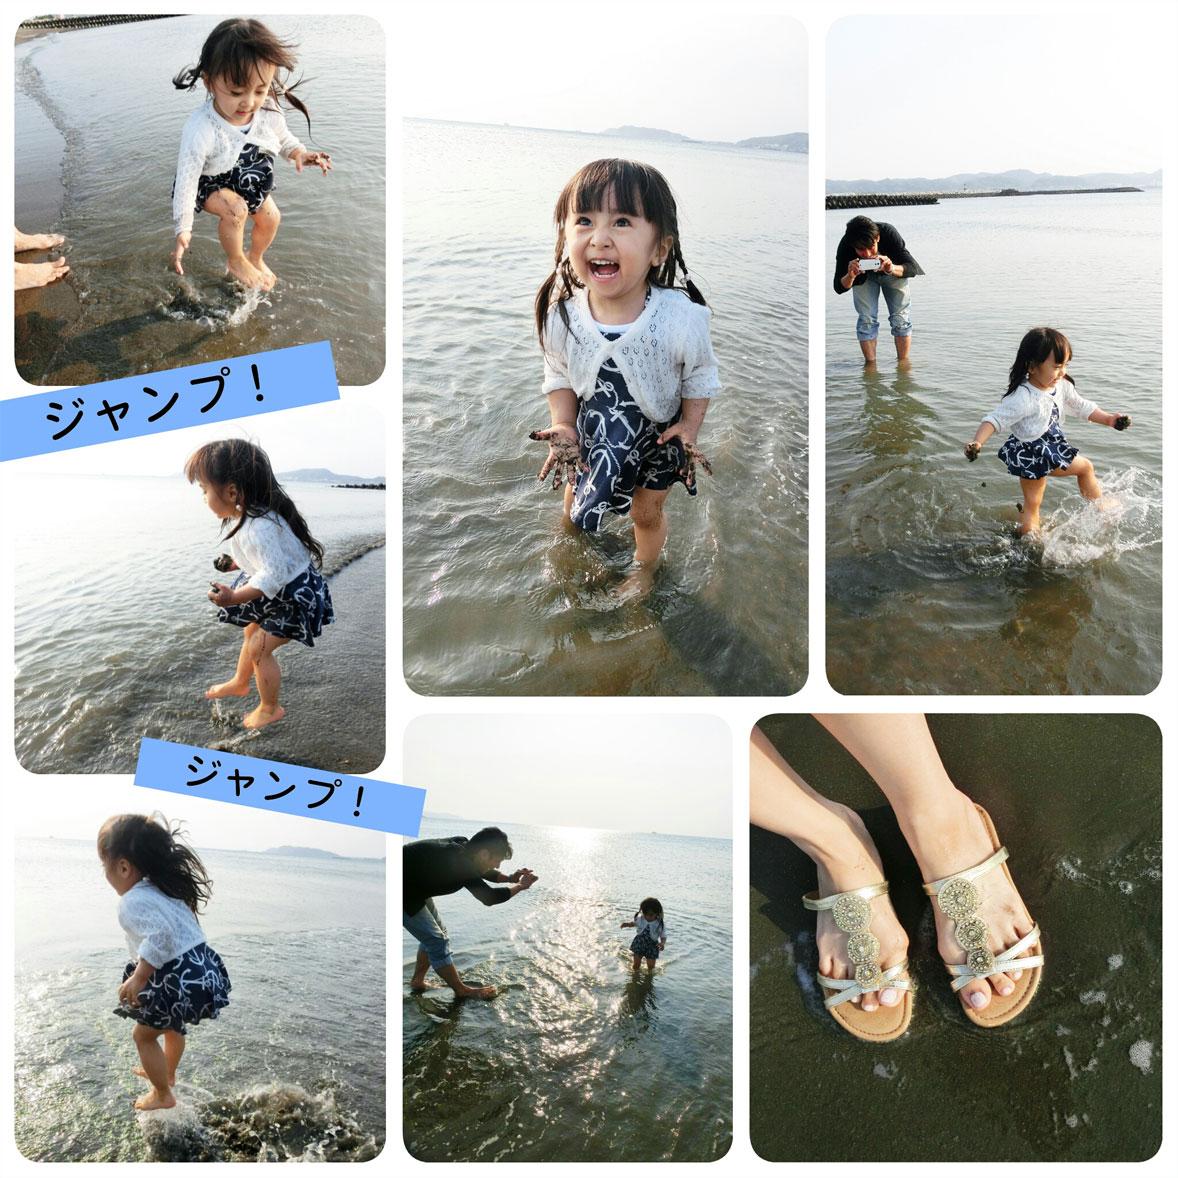 館山旅行! 初めての海(*´∇`*)_d0224894_21291364.jpg